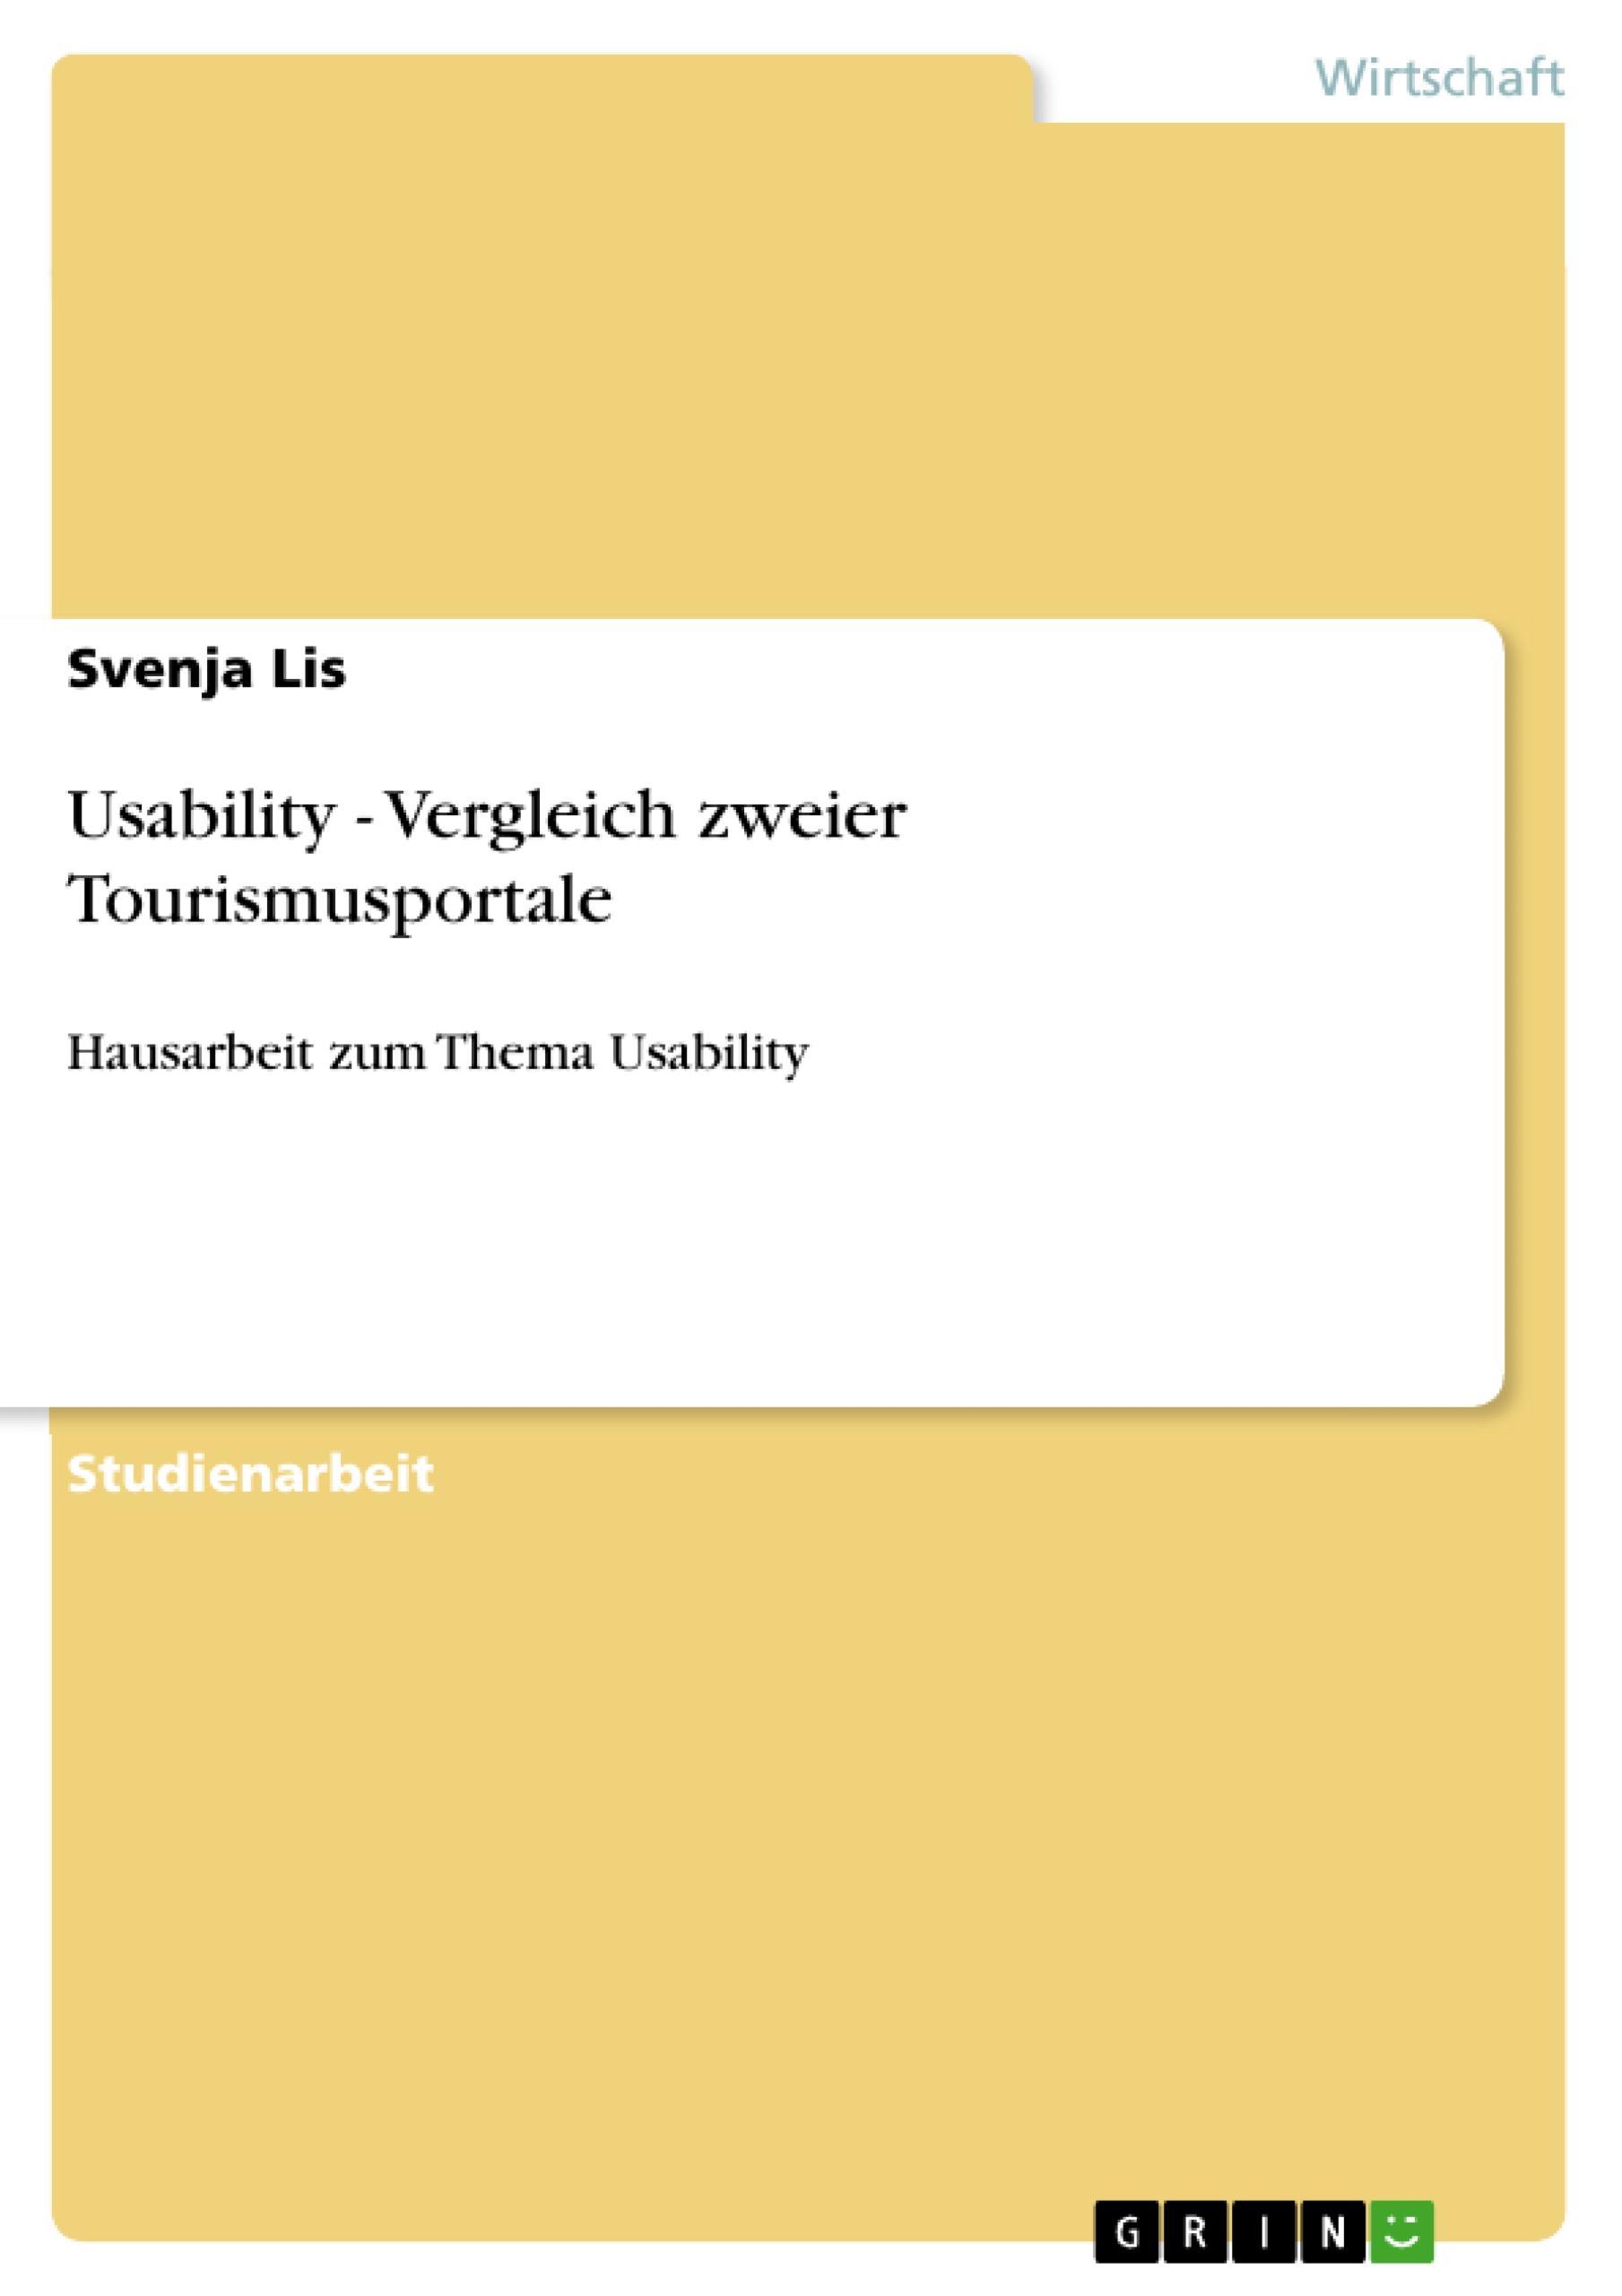 Usability - Vergleich zweier Tourismusportale  Hausarbeit zum Thema Usability  Svenja Lis  Taschenbuch  Deutsch  2010 - Lis, Svenja